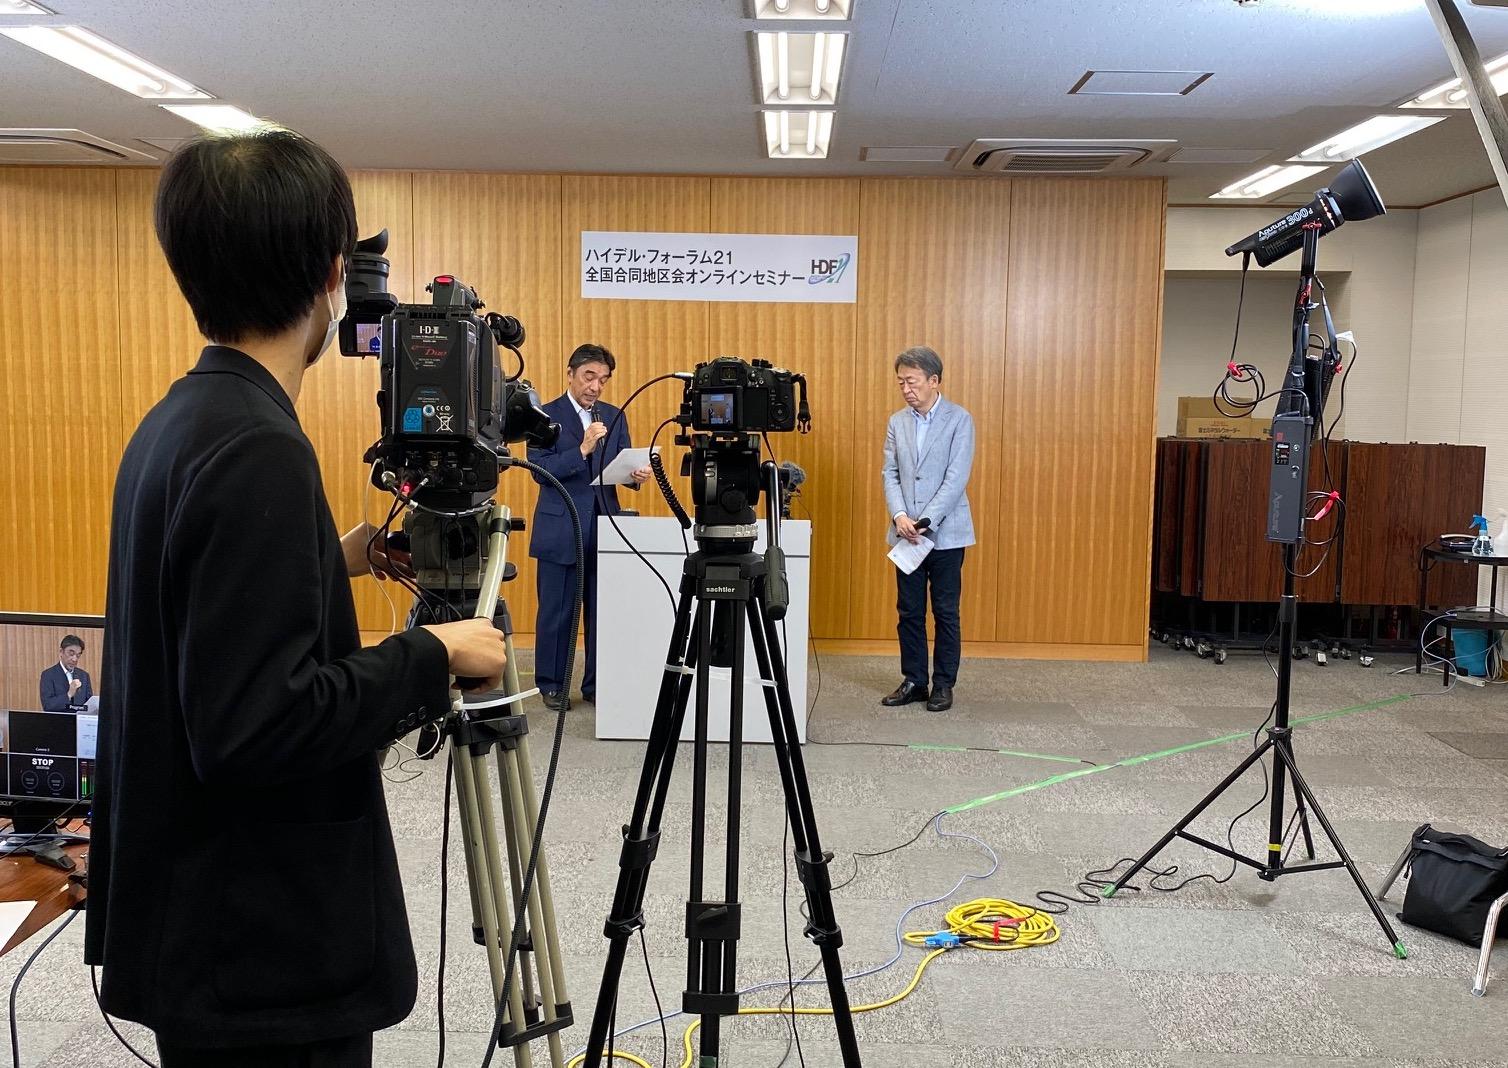 錦明印刷本社にて、ジャーナリストの池上彰氏が講演実施